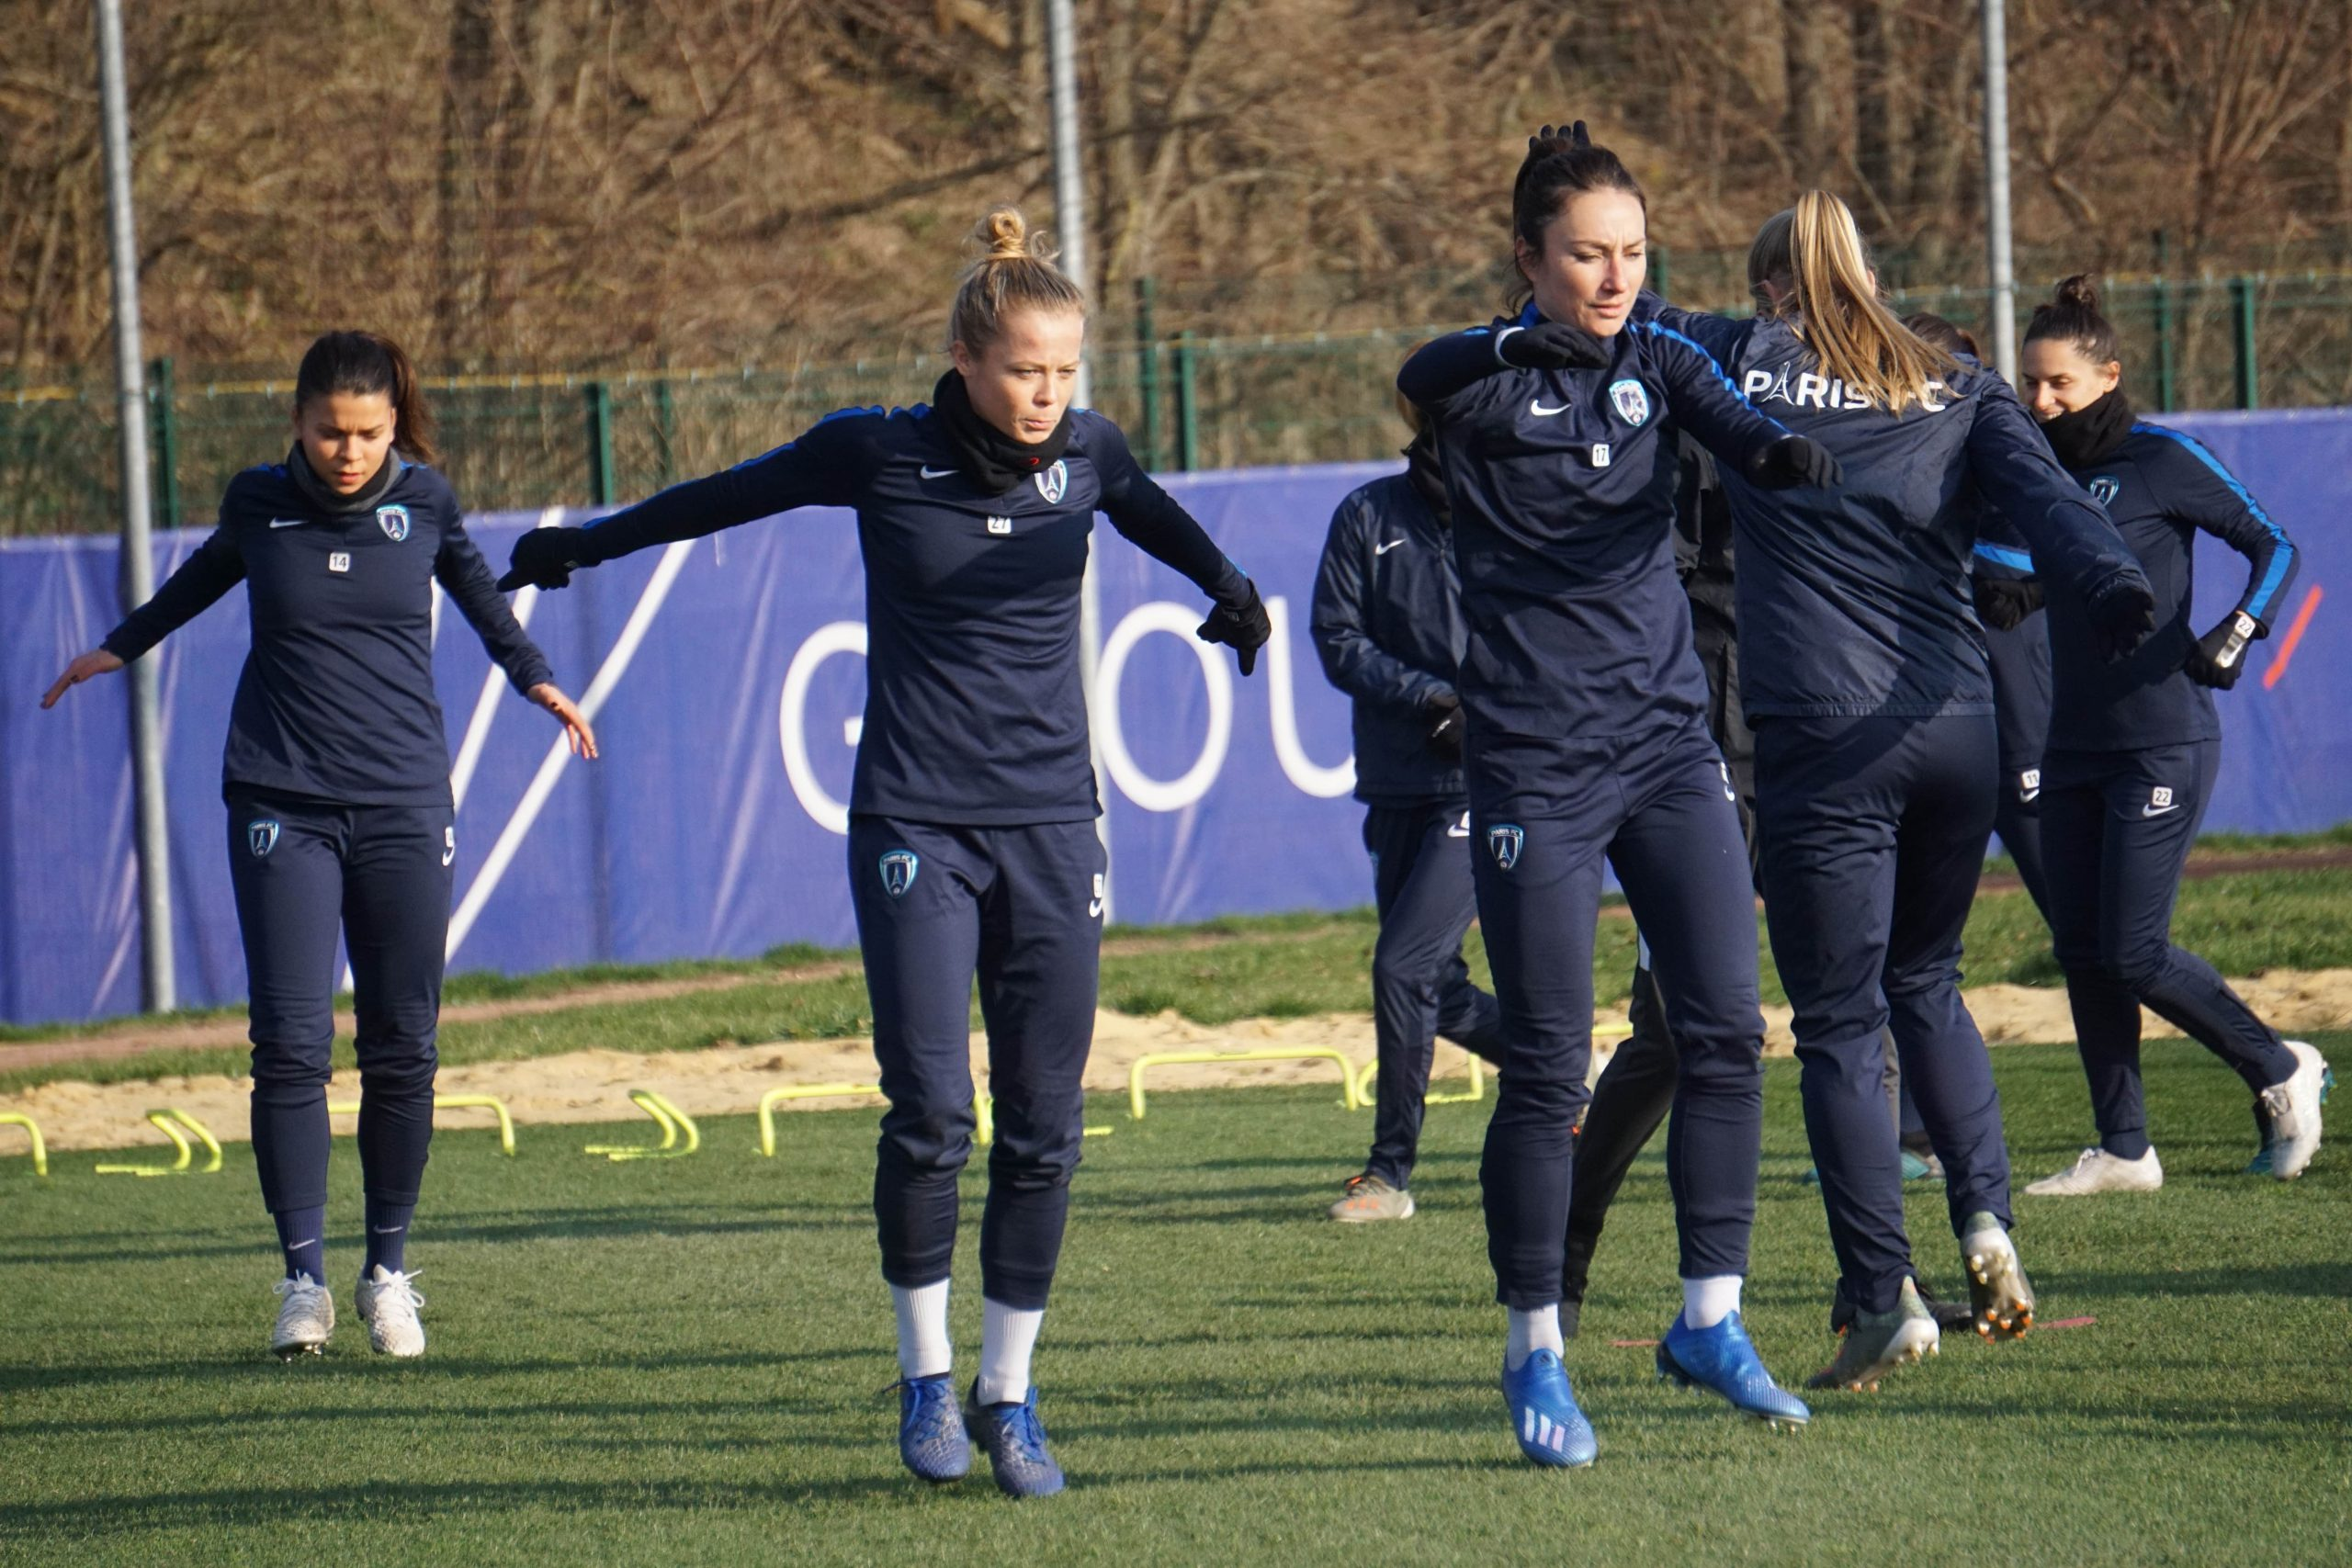 Paris FC 2019